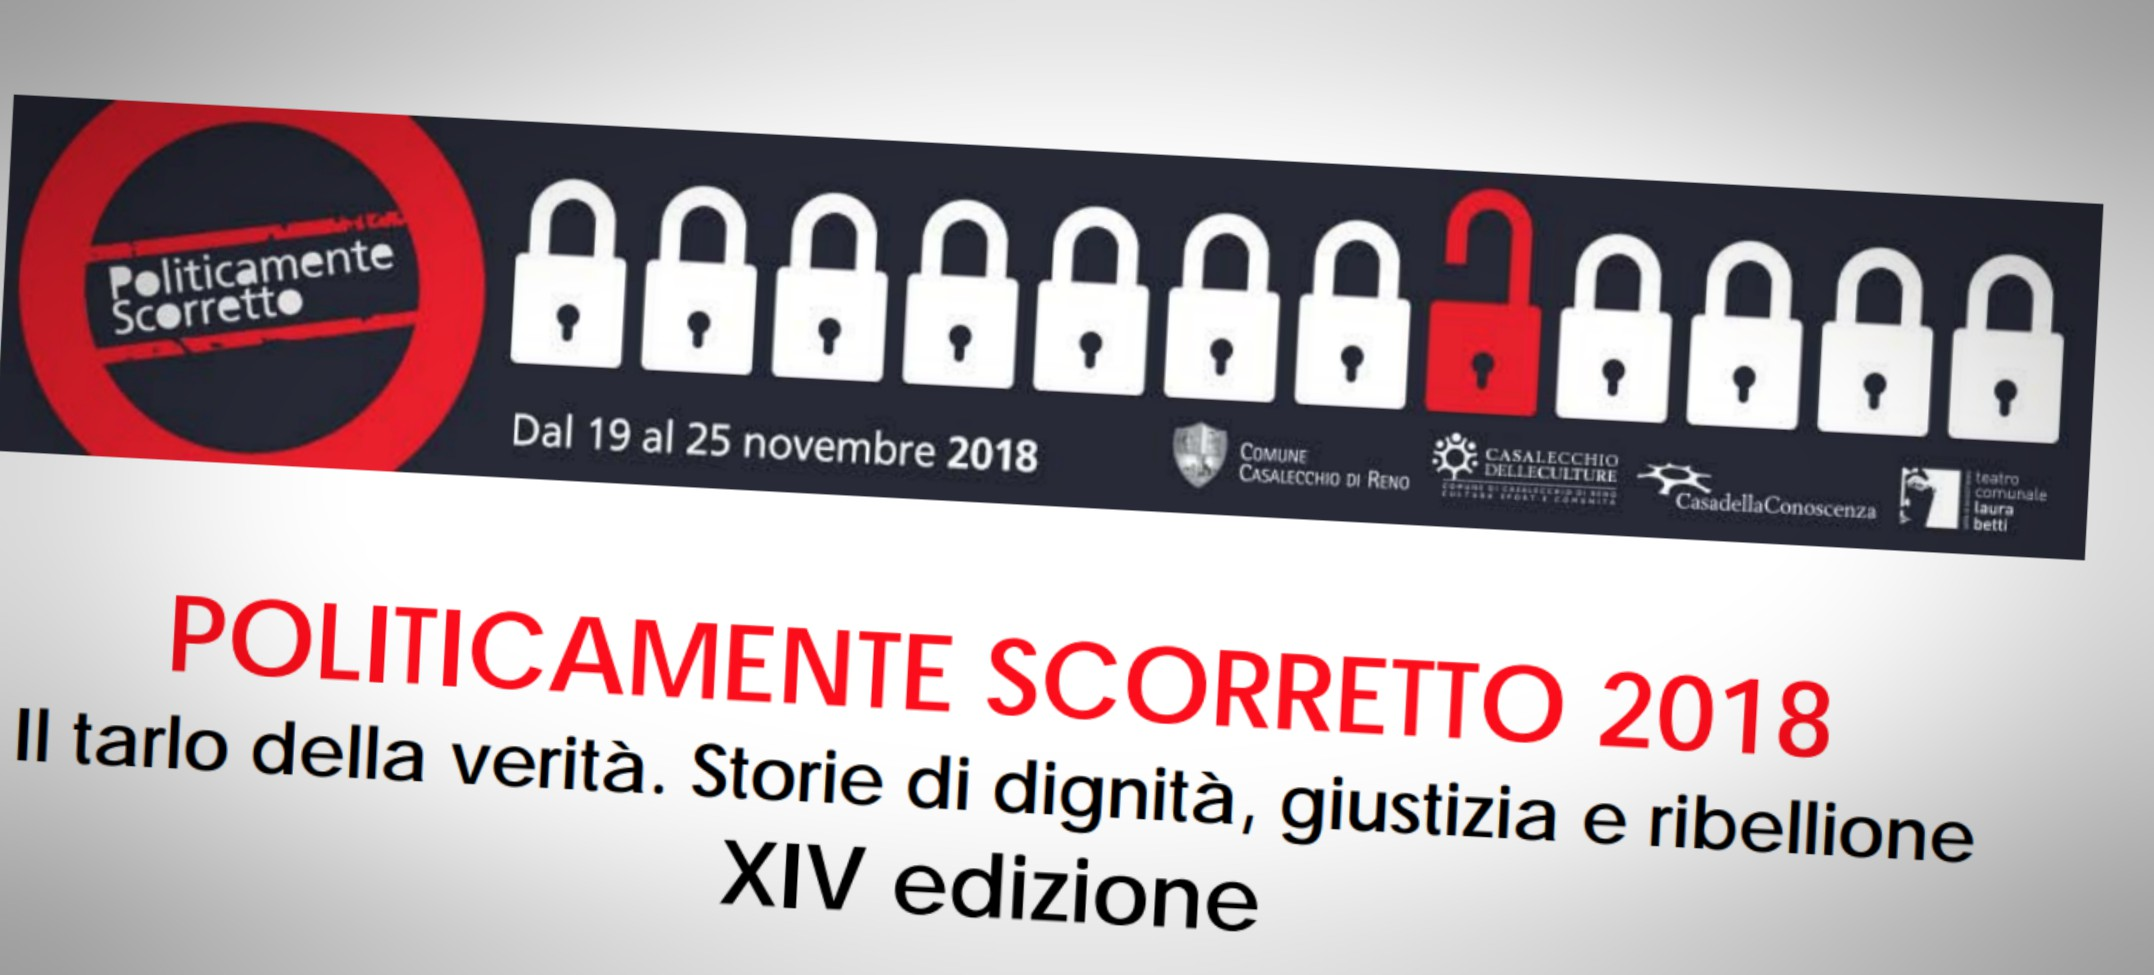 Politicamente Scorretto: il 14 novembre a Bologna la conferenza stampa di presentazione della rassegna promossa in collaborazione con Avviso Pubblico